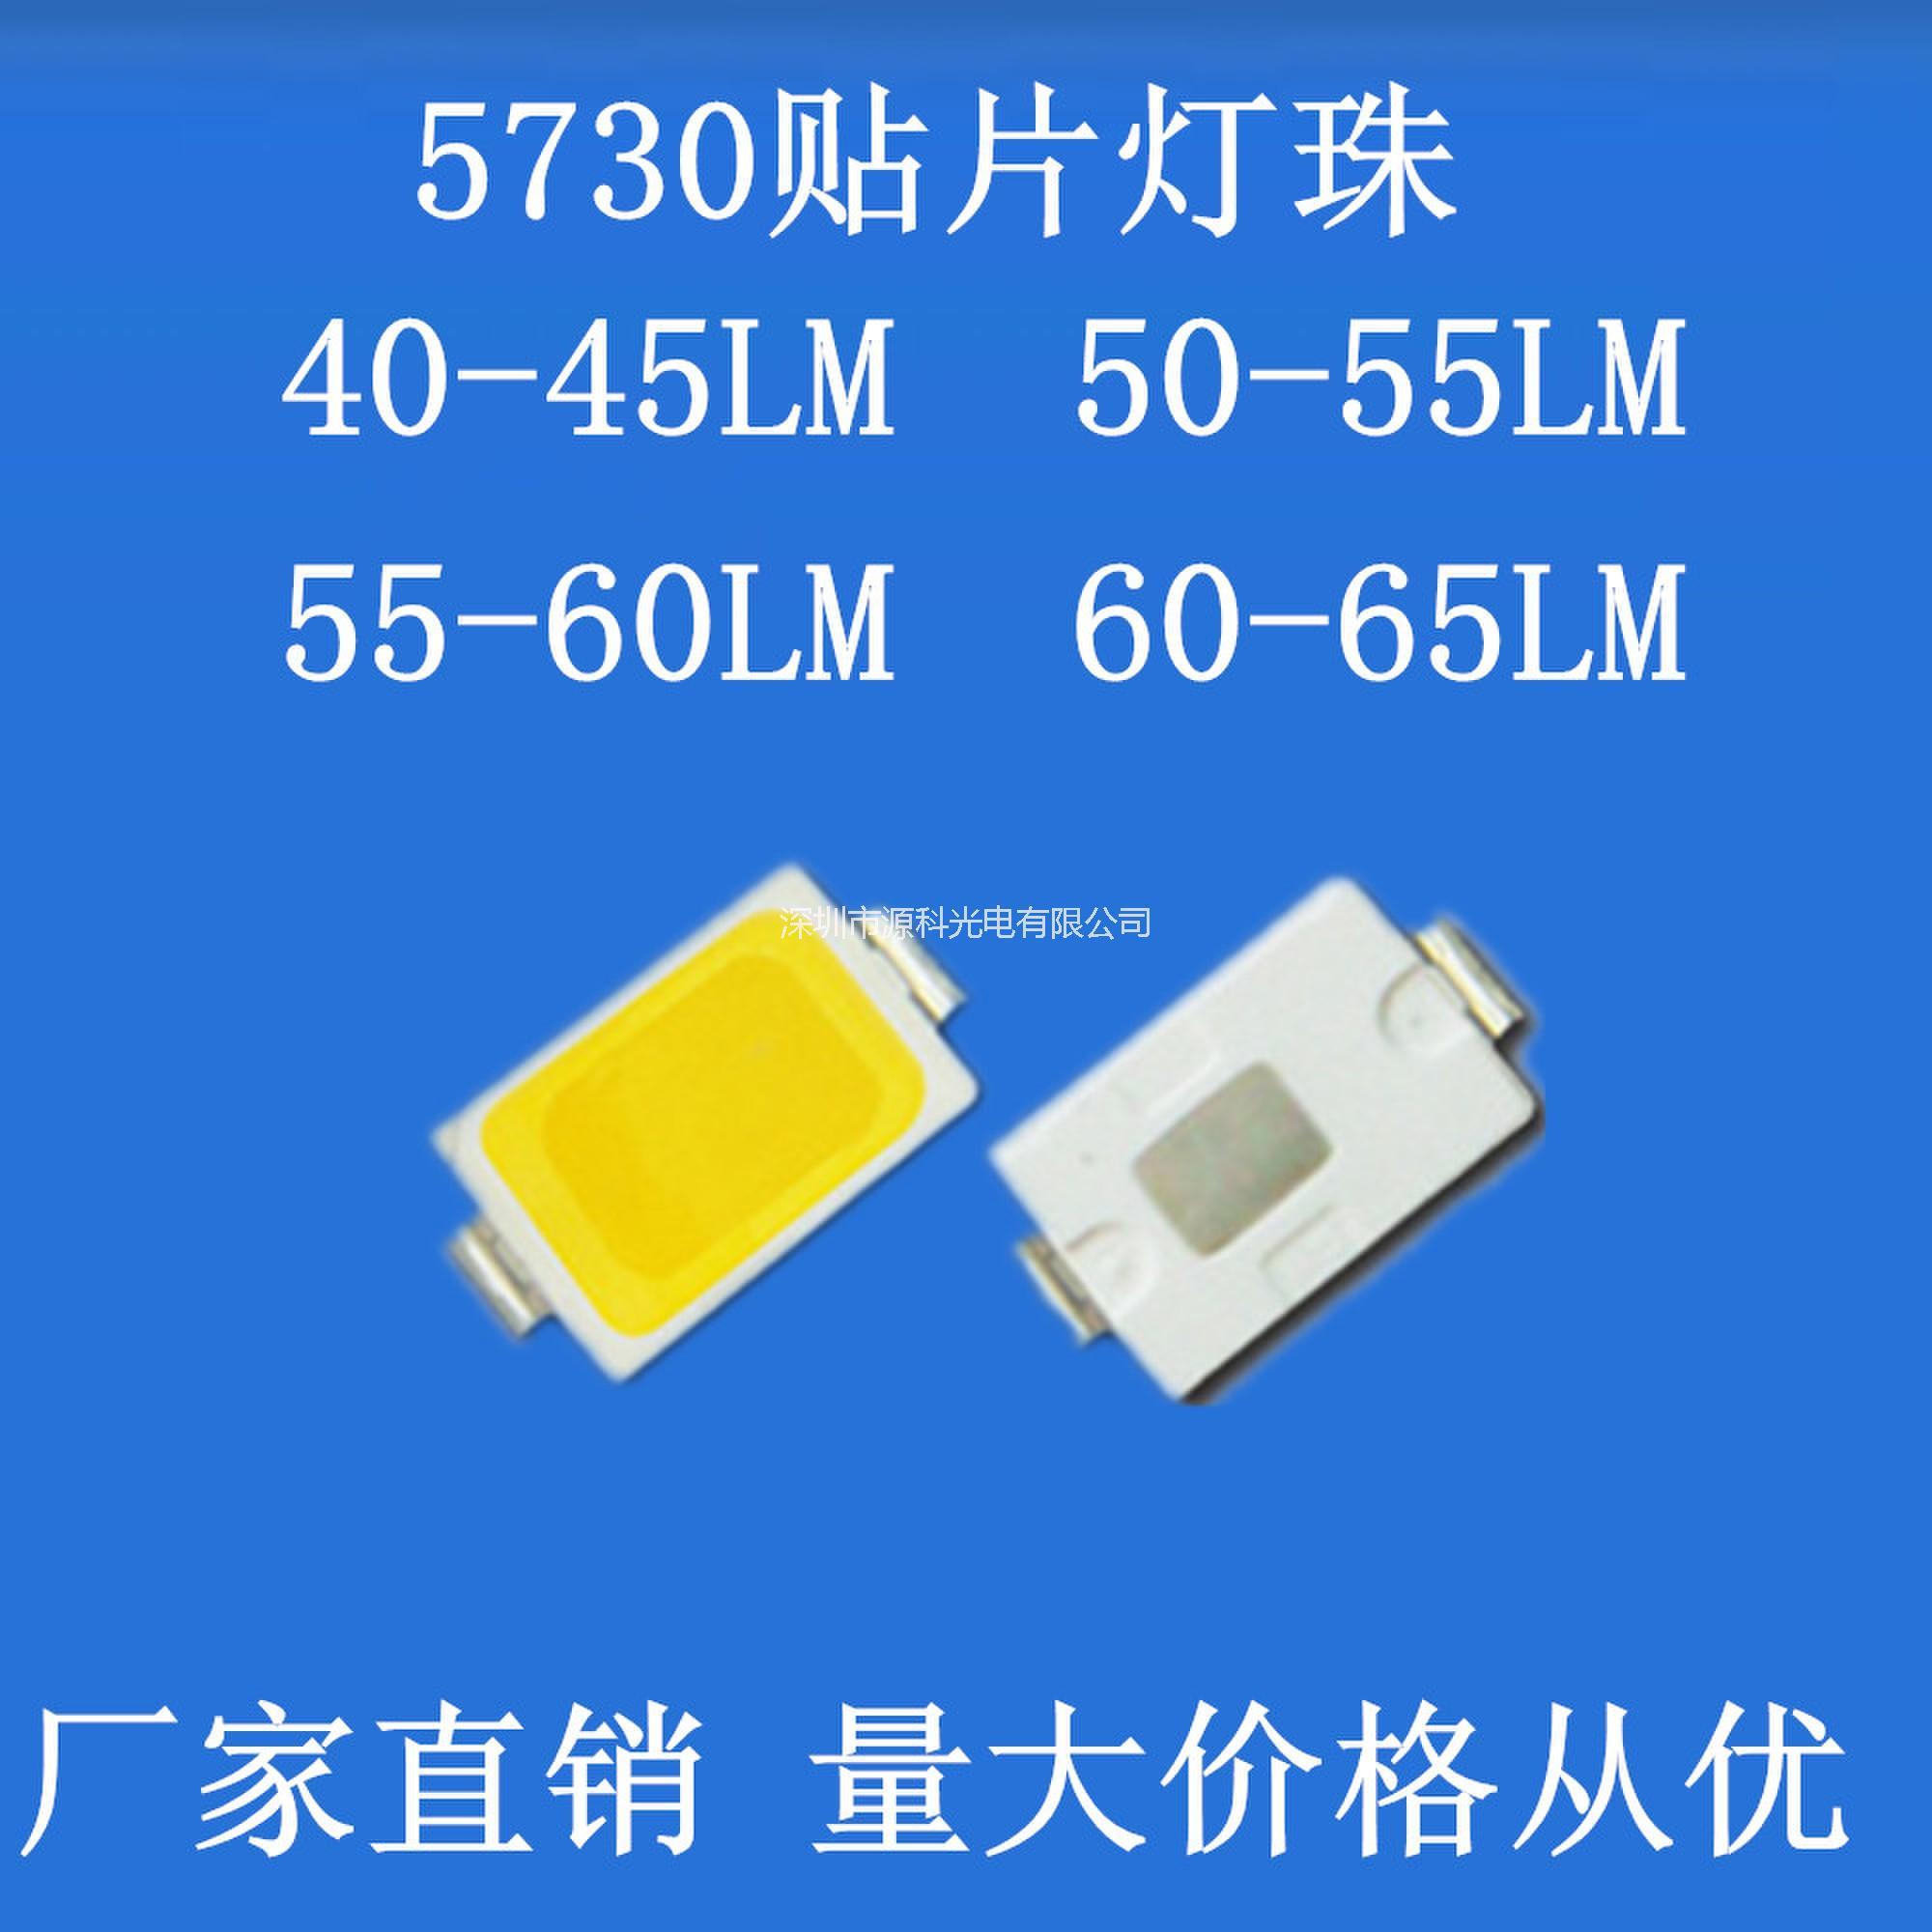 供应超高亮5730冷白光价格 价格优势5730白光首选厂家